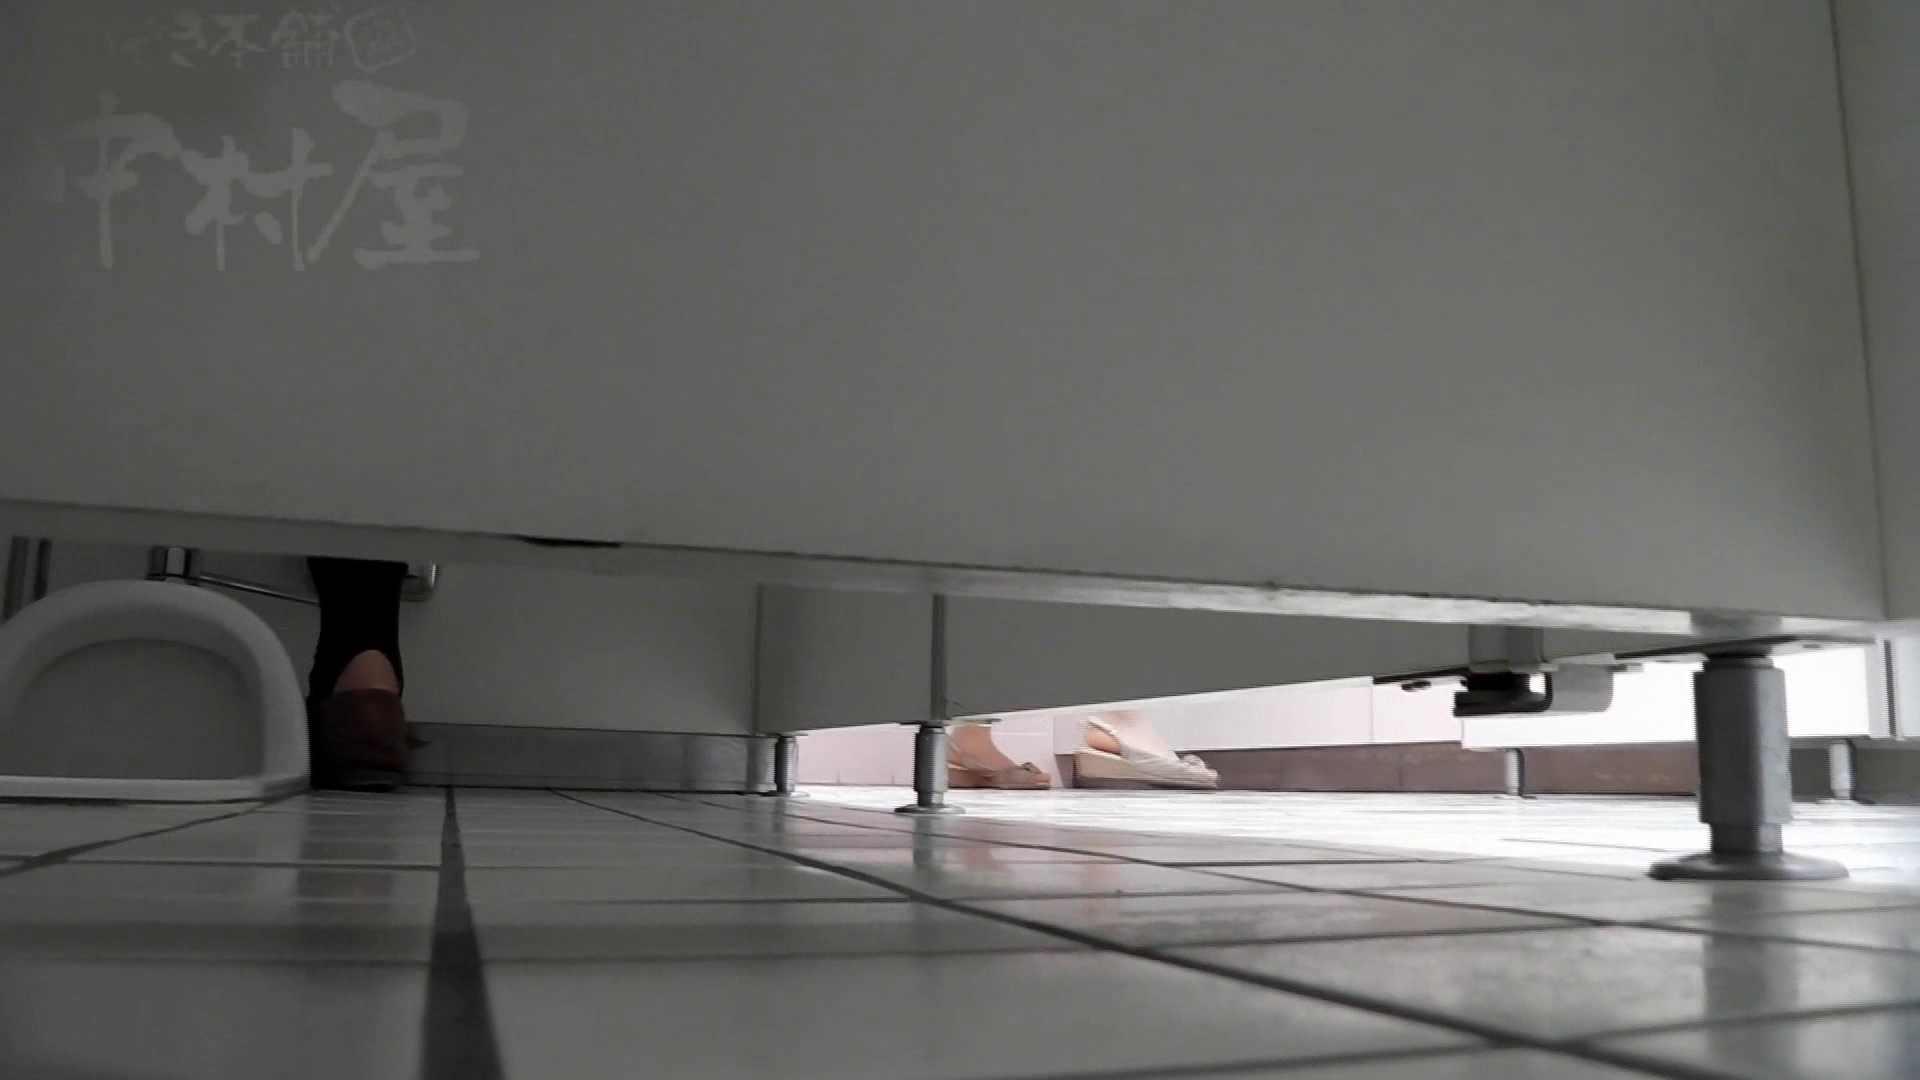 美しい日本の未来 No.29 豹柄サンダルはイ更●気味??? 卑猥   女子トイレ  111連発 100